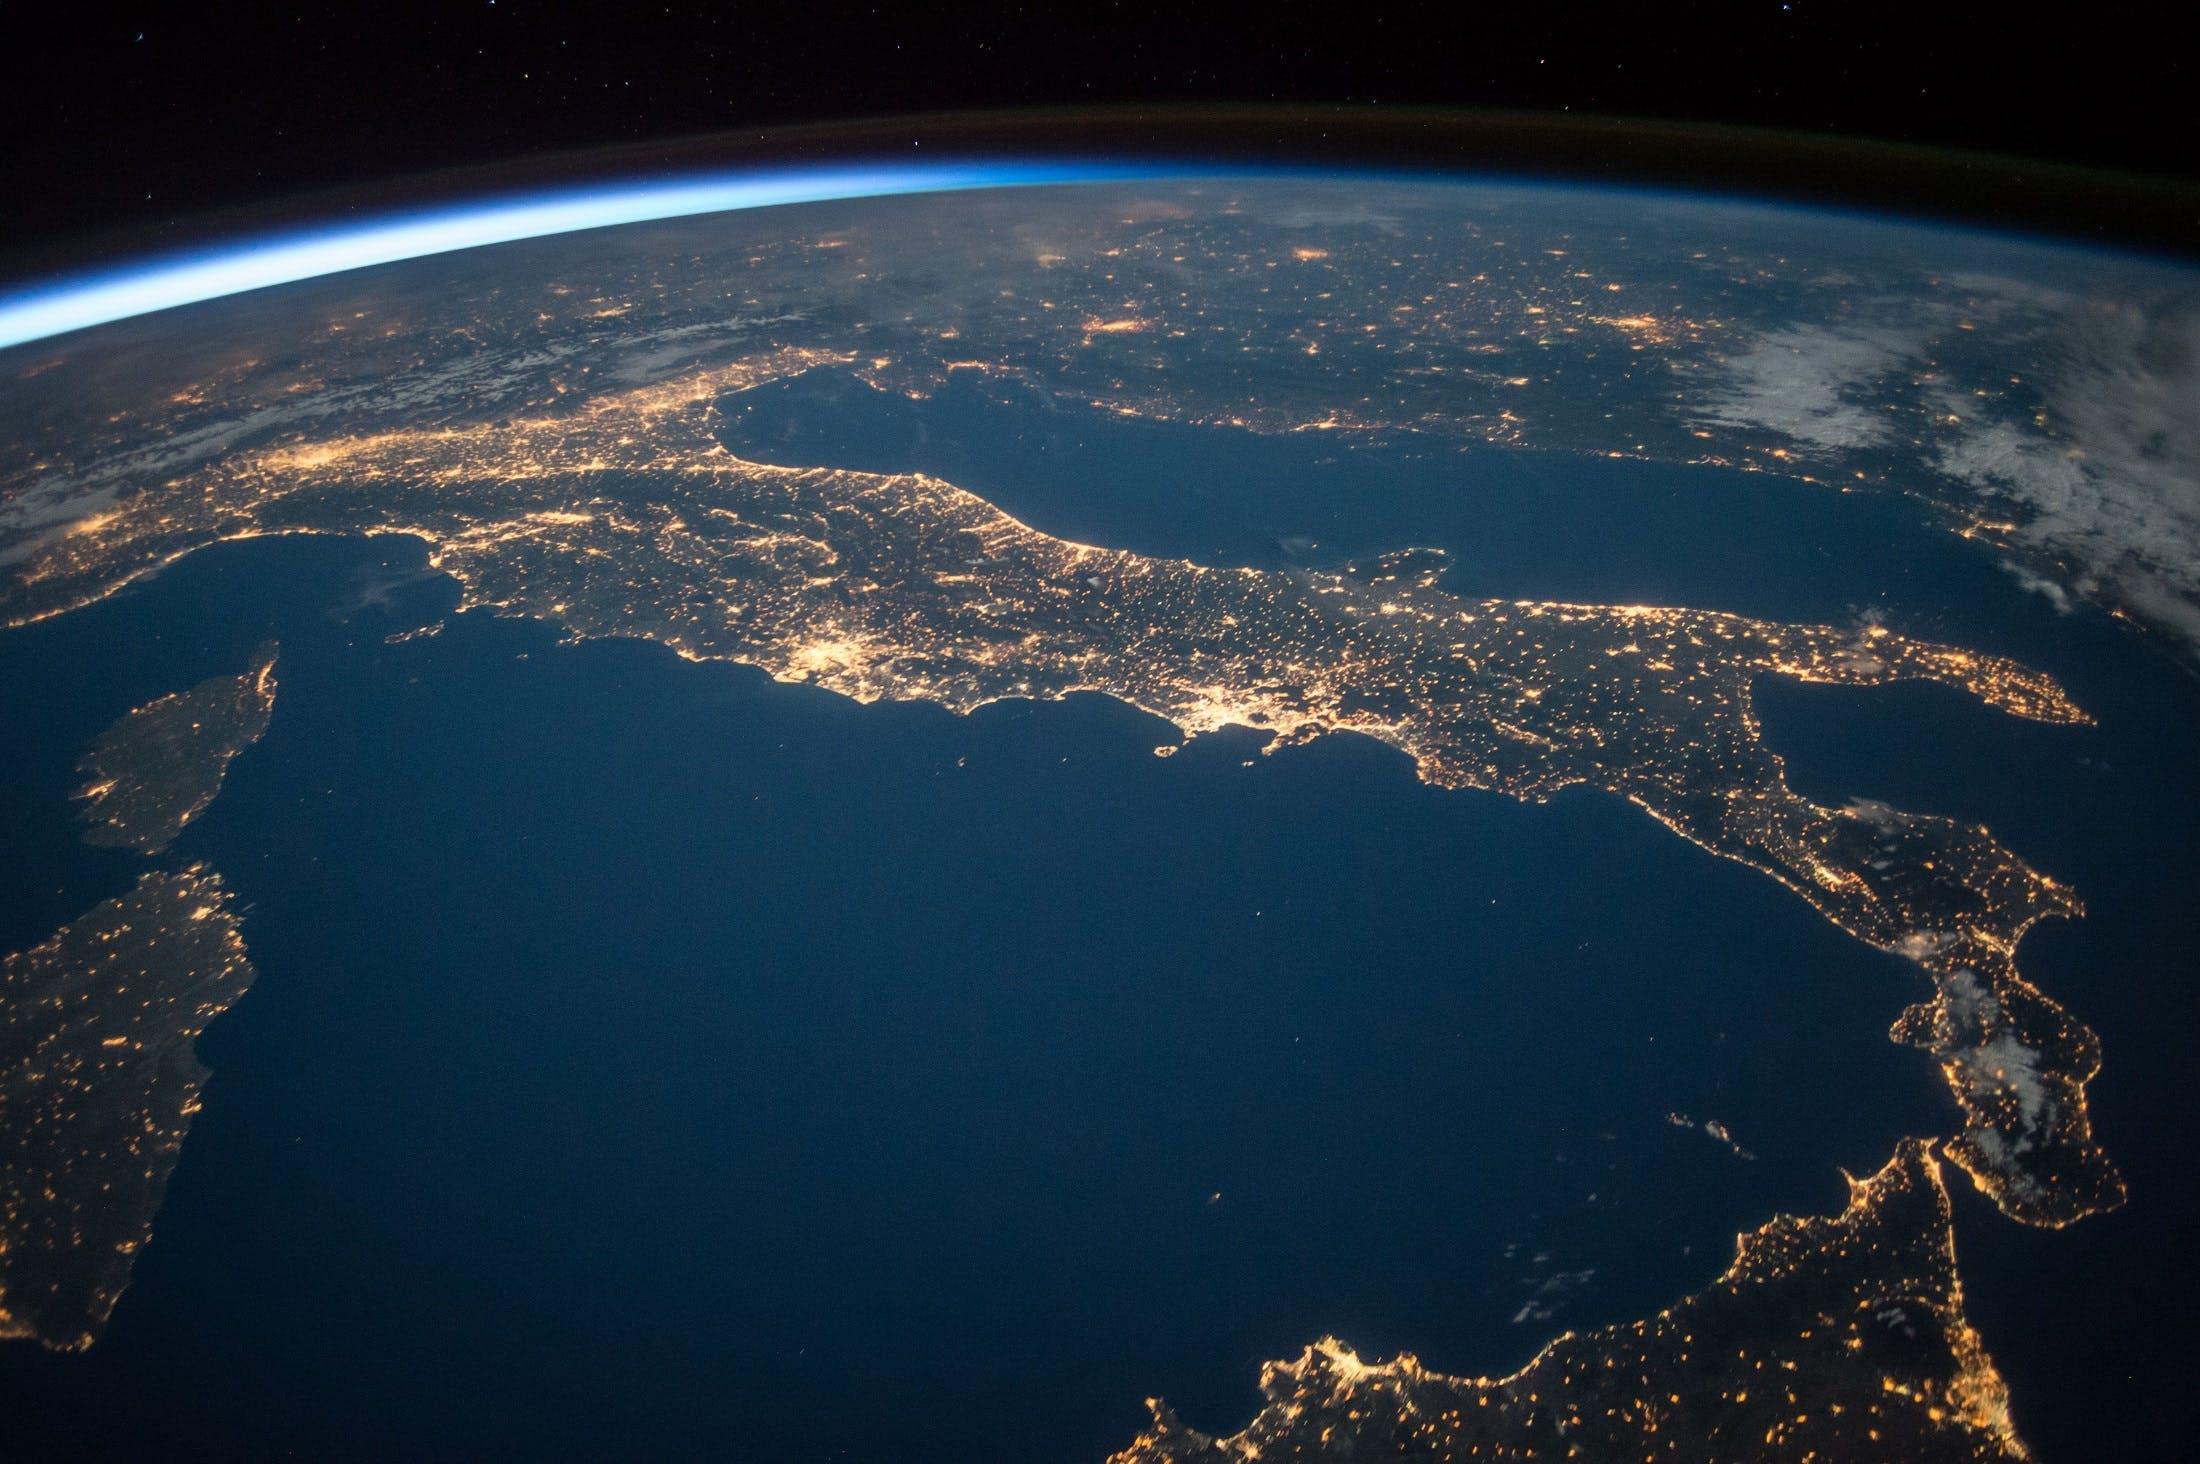 Δωρεάν στοκ φωτογραφιών με απώτερο διάστημα, αστρονομία, ατμόσφαιρα, γη